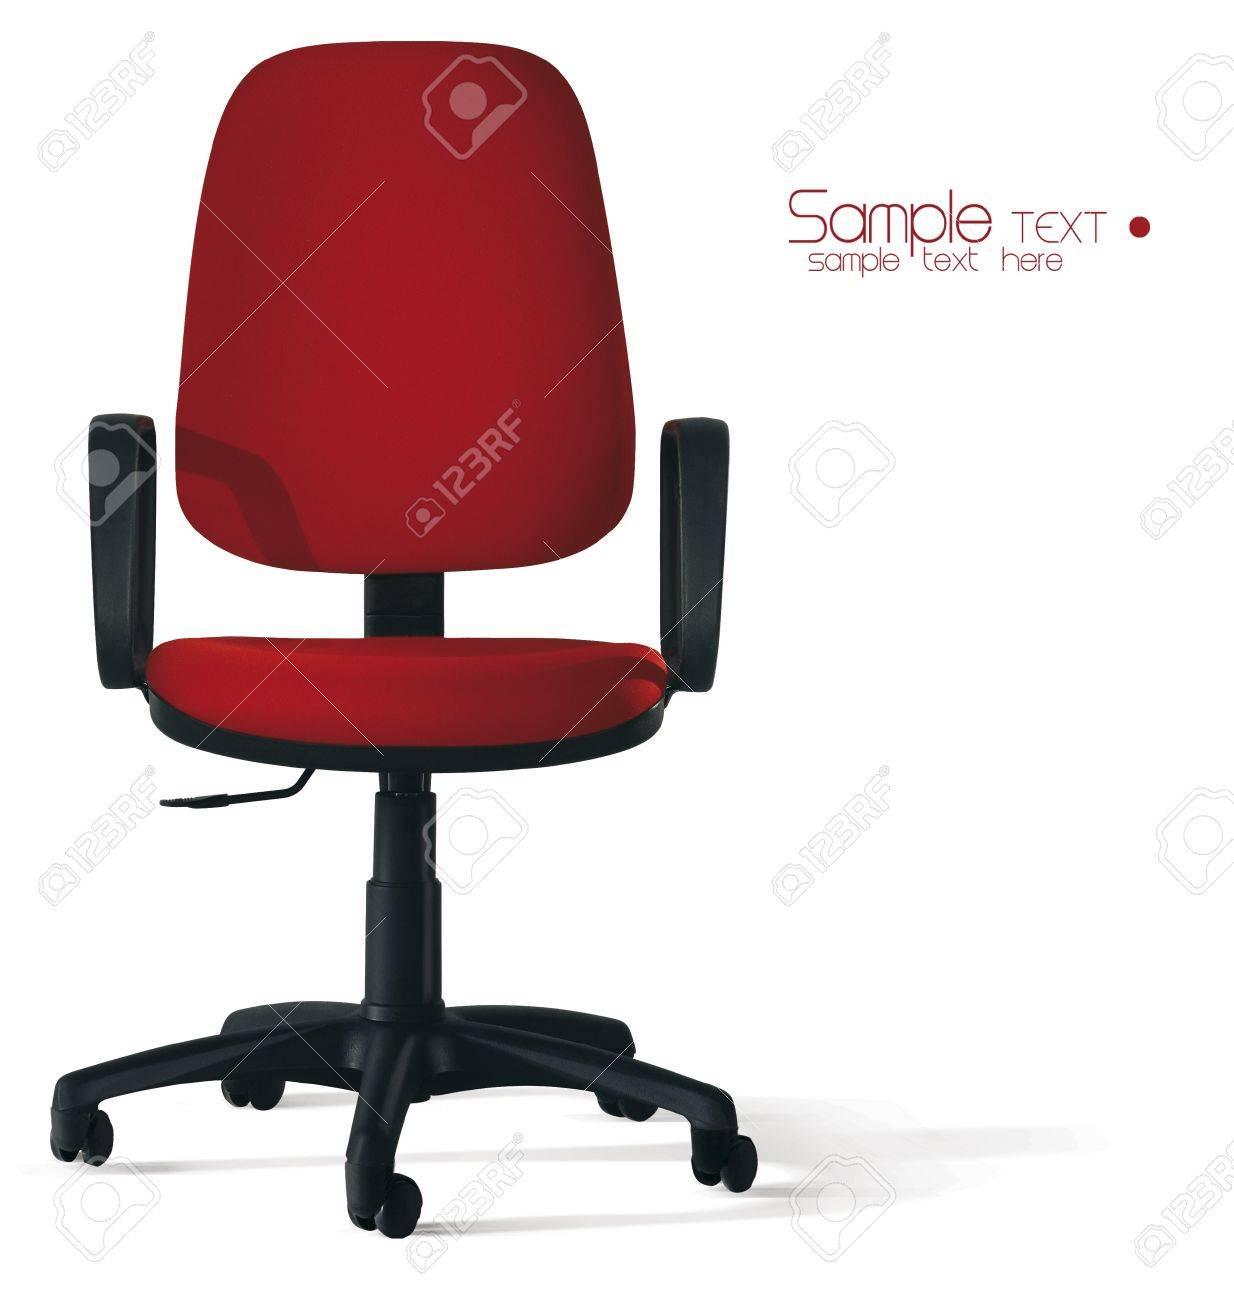 sedie da ufficio ergonomiche ~ sedia ufficio offerte e risparmia ... - Sedie Da Ufficio Rosse